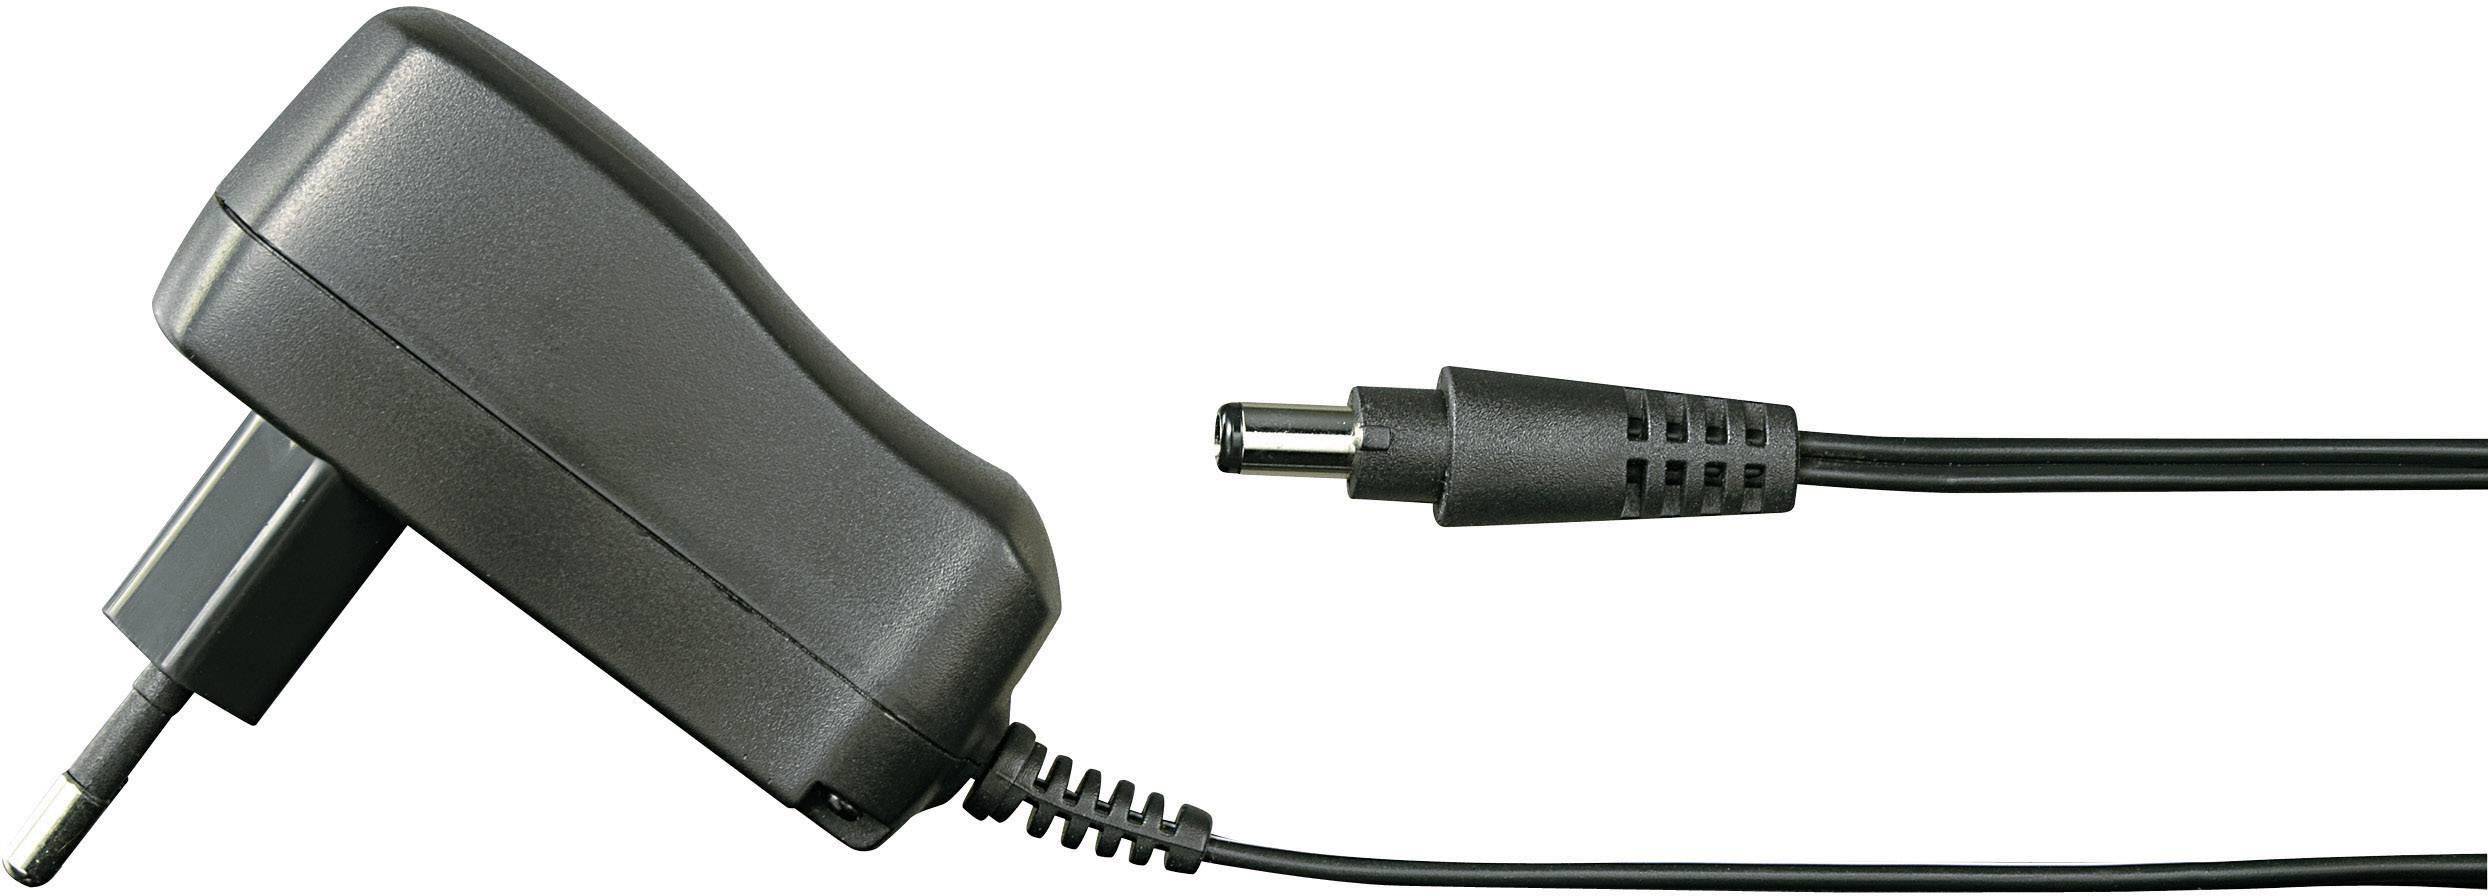 Zásuvkový adaptér so stálym napätím VOLTCRAFT FPPS 24-6W, 6 W, 250 mA